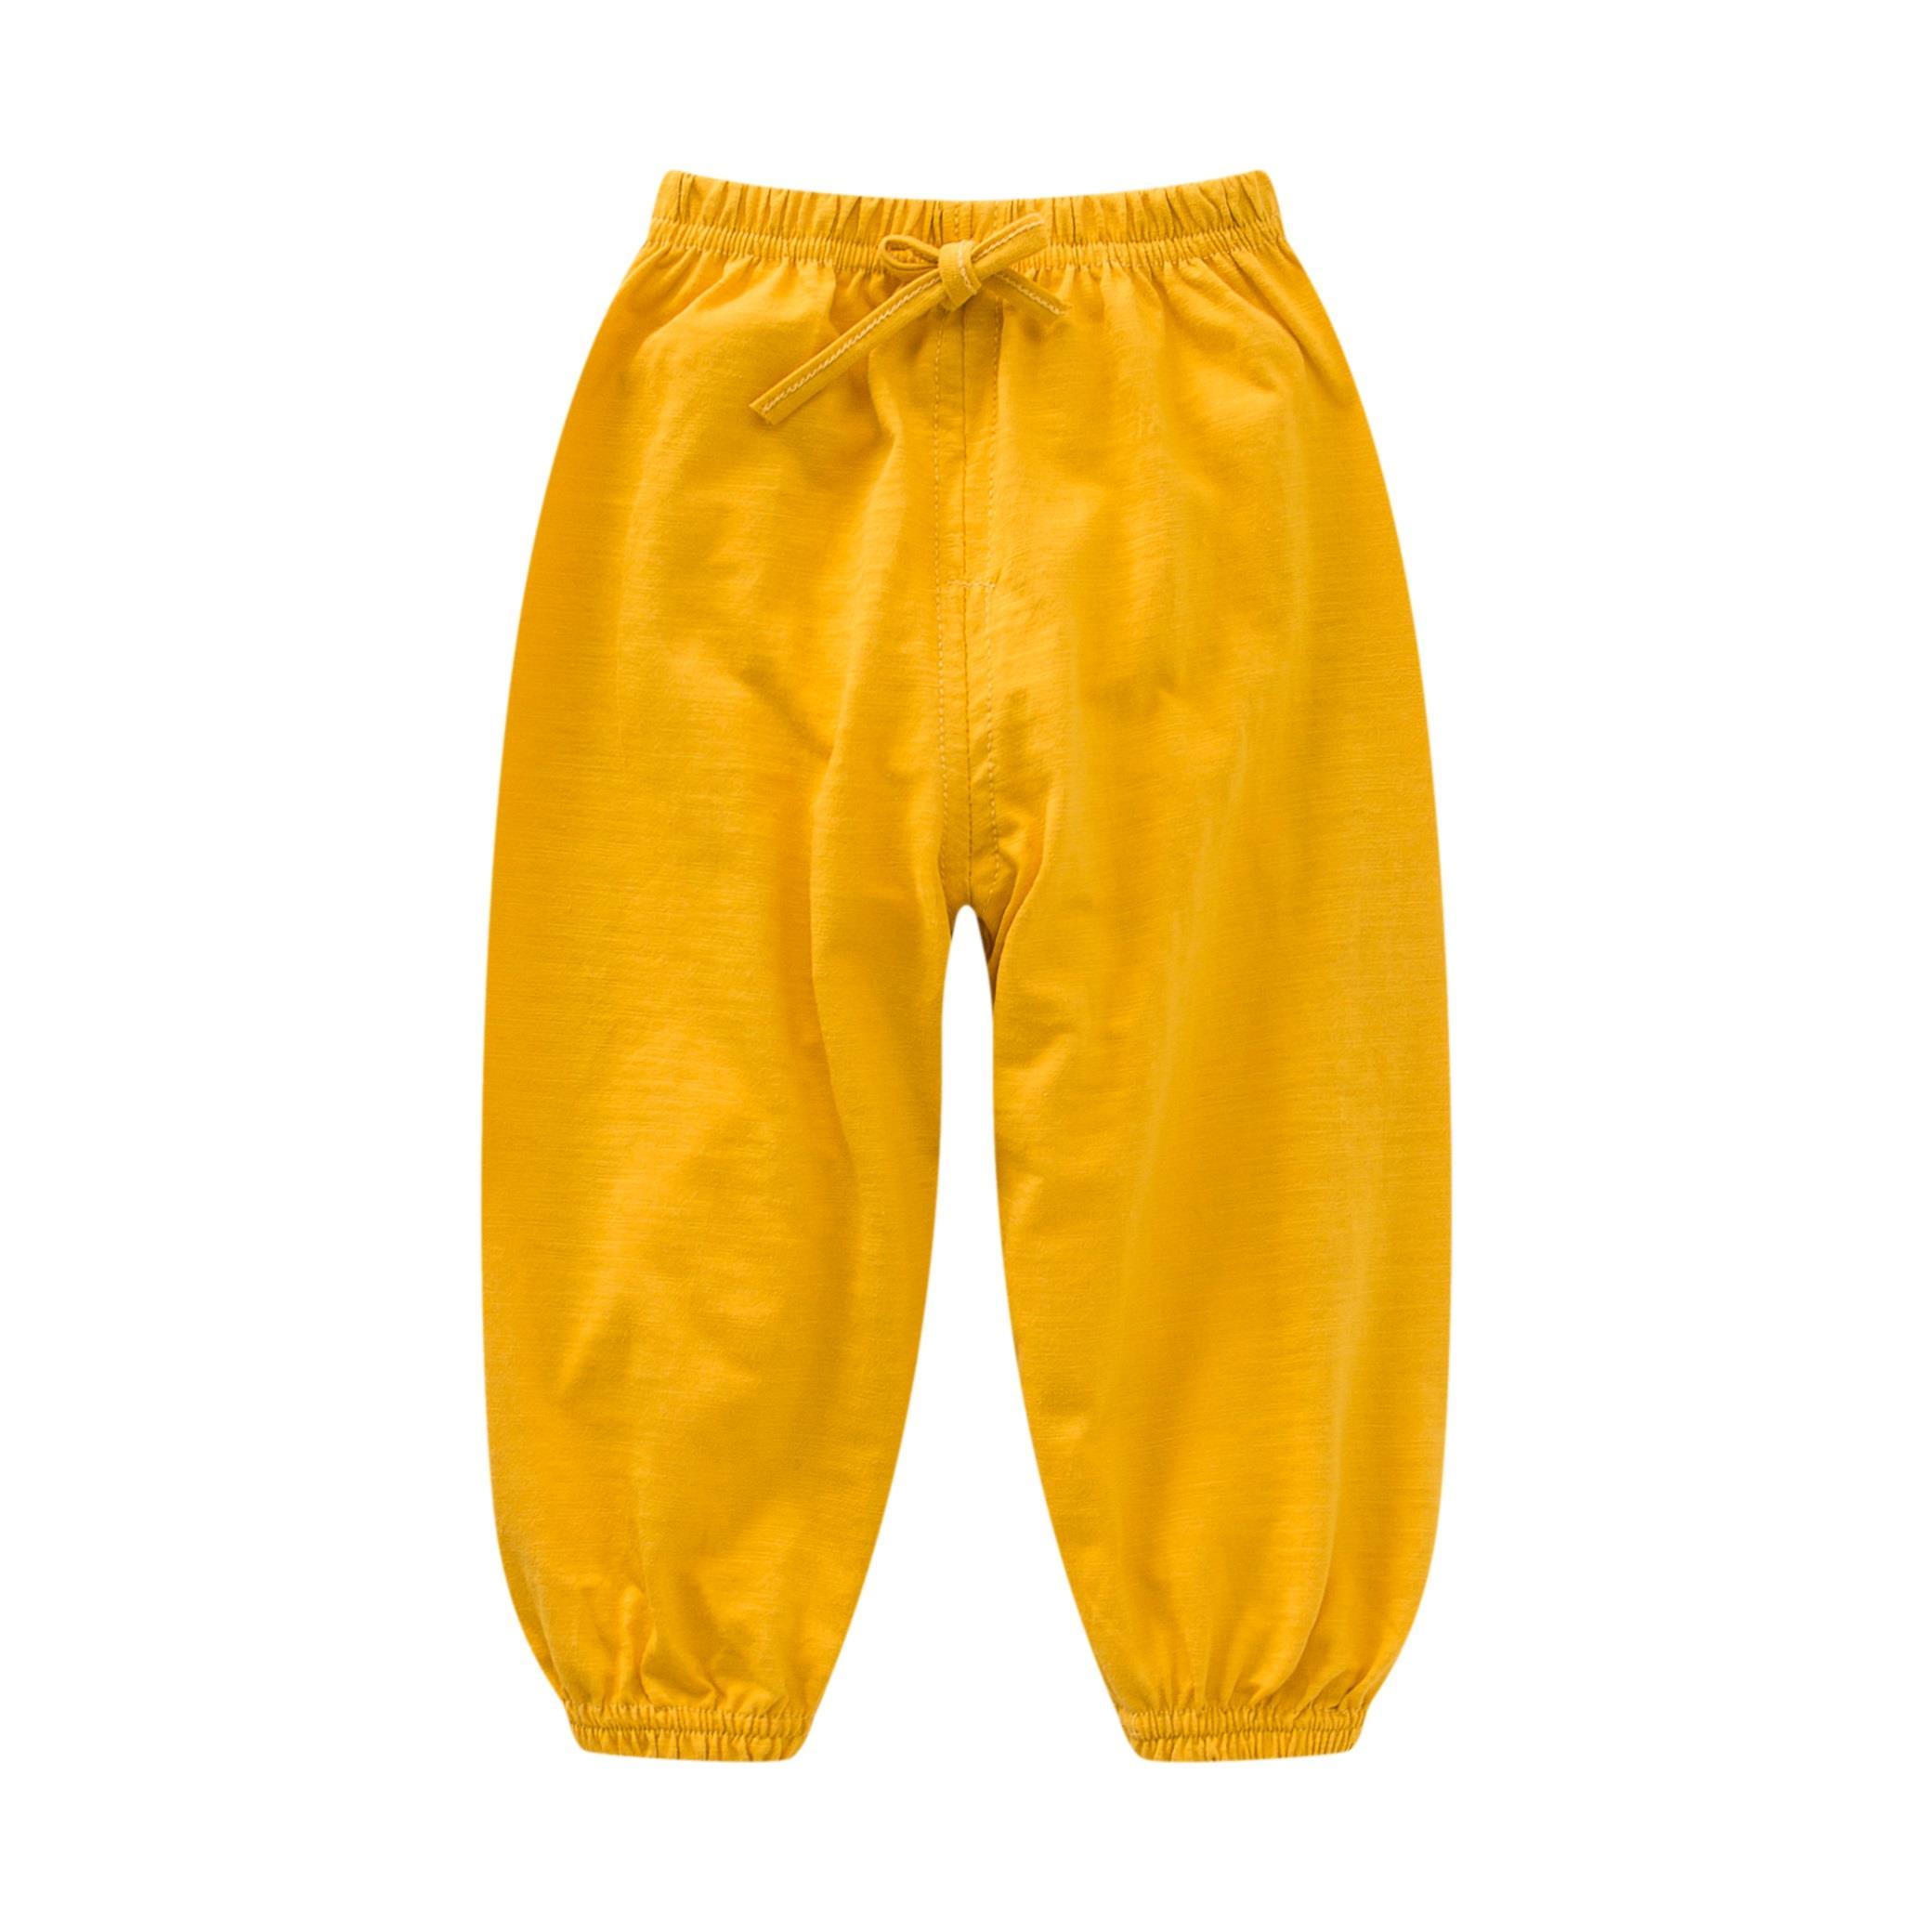 小孩夏裤可开档简约女童白色夏天宝宝儿童防蚊灯笼裤女式夏装男孩